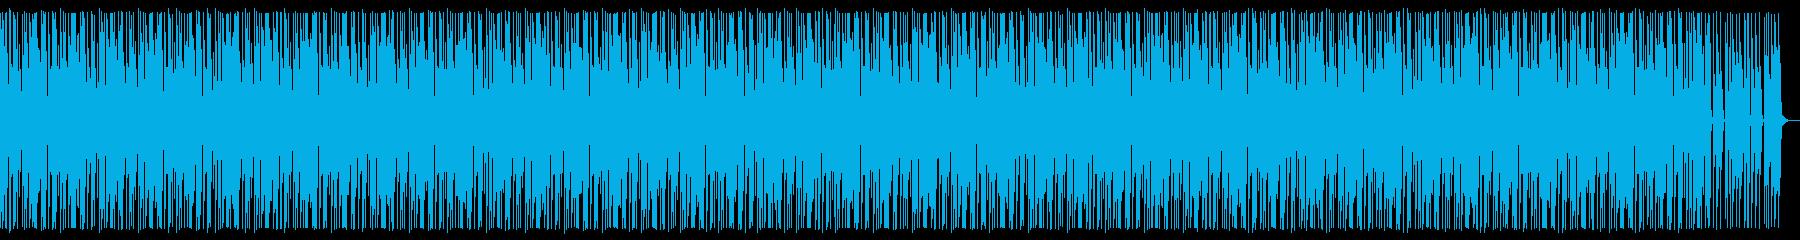 いたずら ハロウィン マリンバ ダークの再生済みの波形